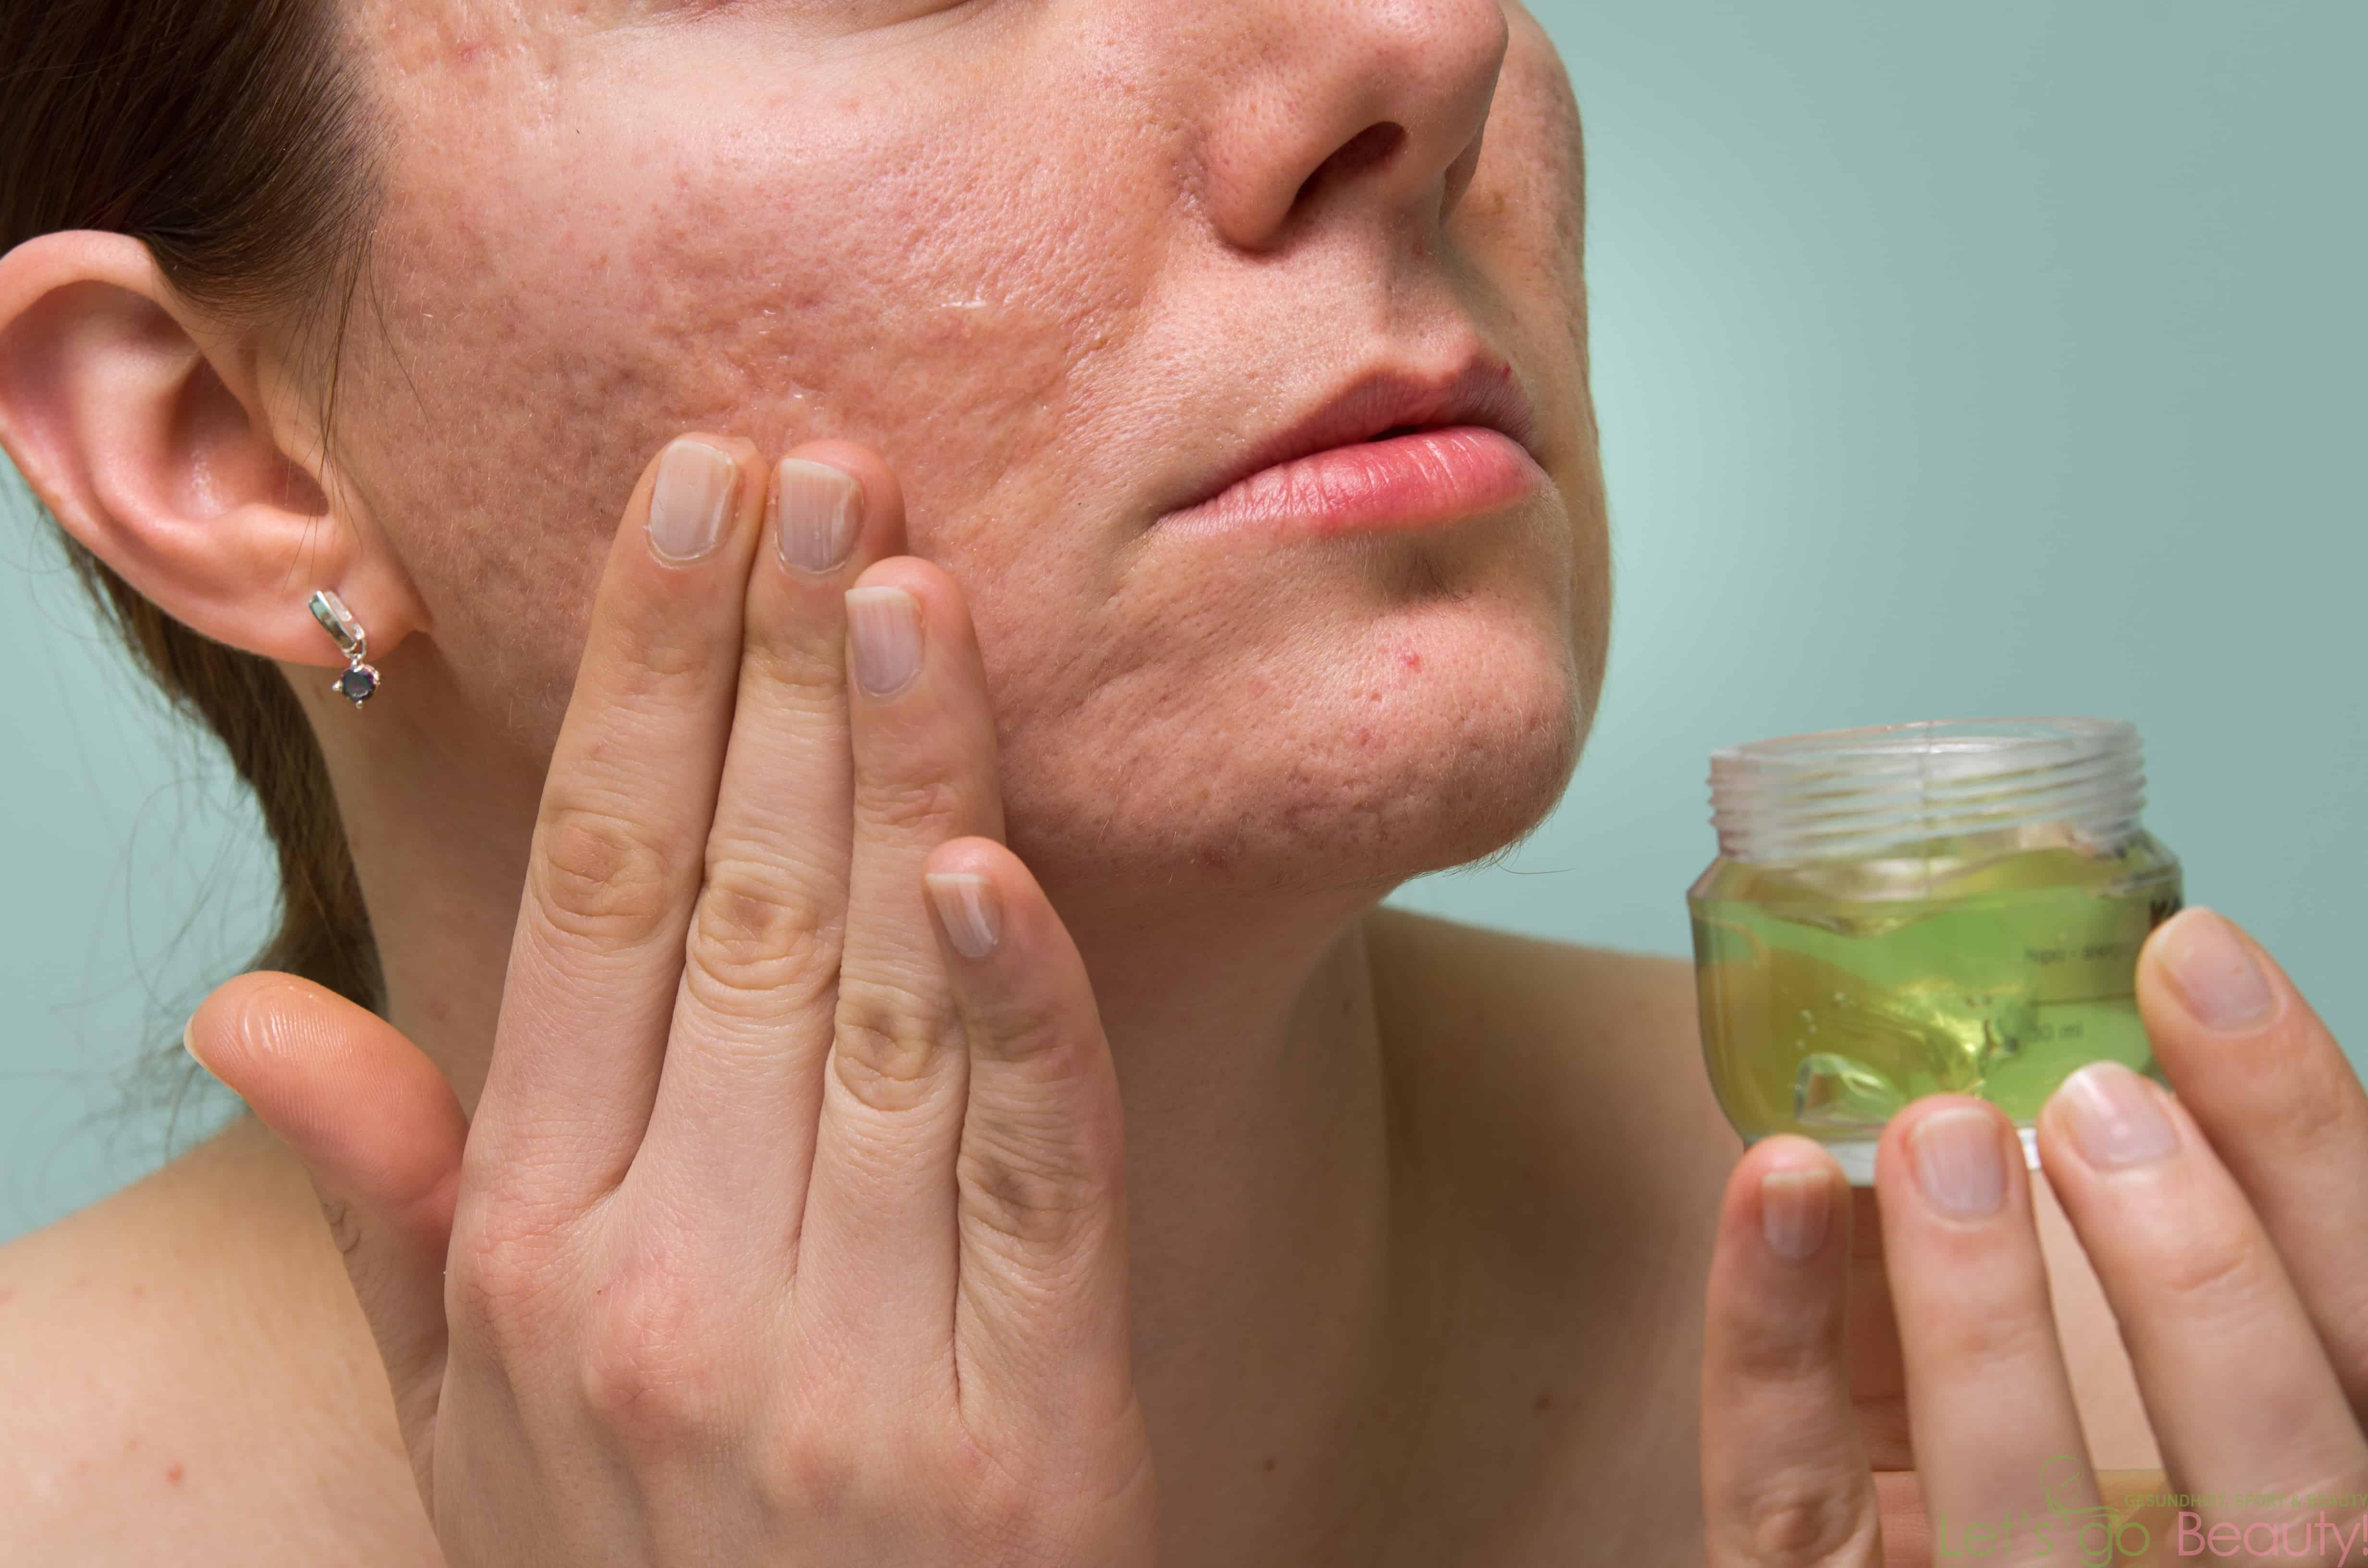 От чего помогает уринотерапия? это польза или вред, панацея или бред?